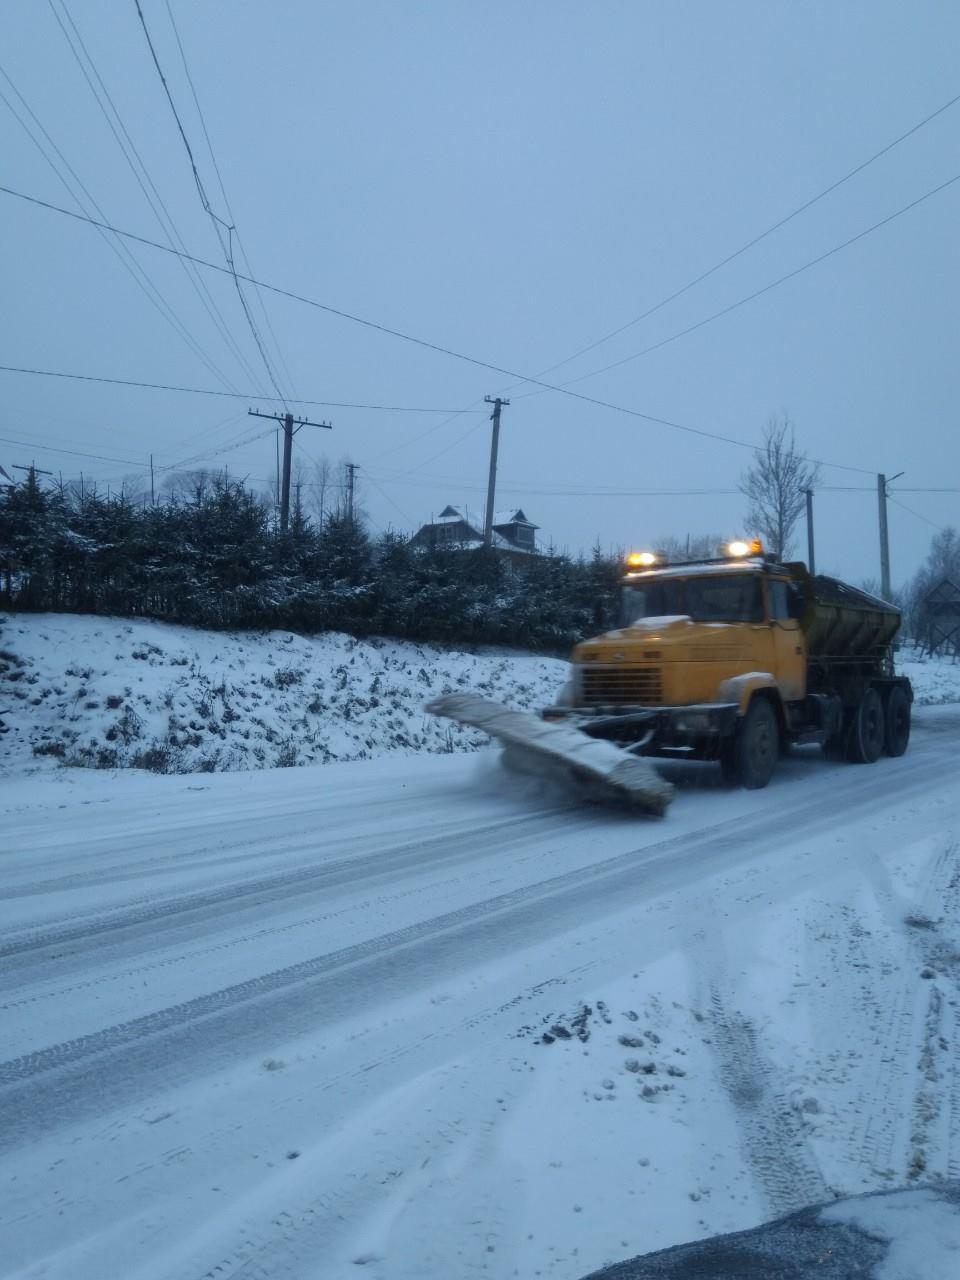 Негода на Прикарпатті: дорожники звітують про ускладнений, але забезпечений проїзд (ФОТО)